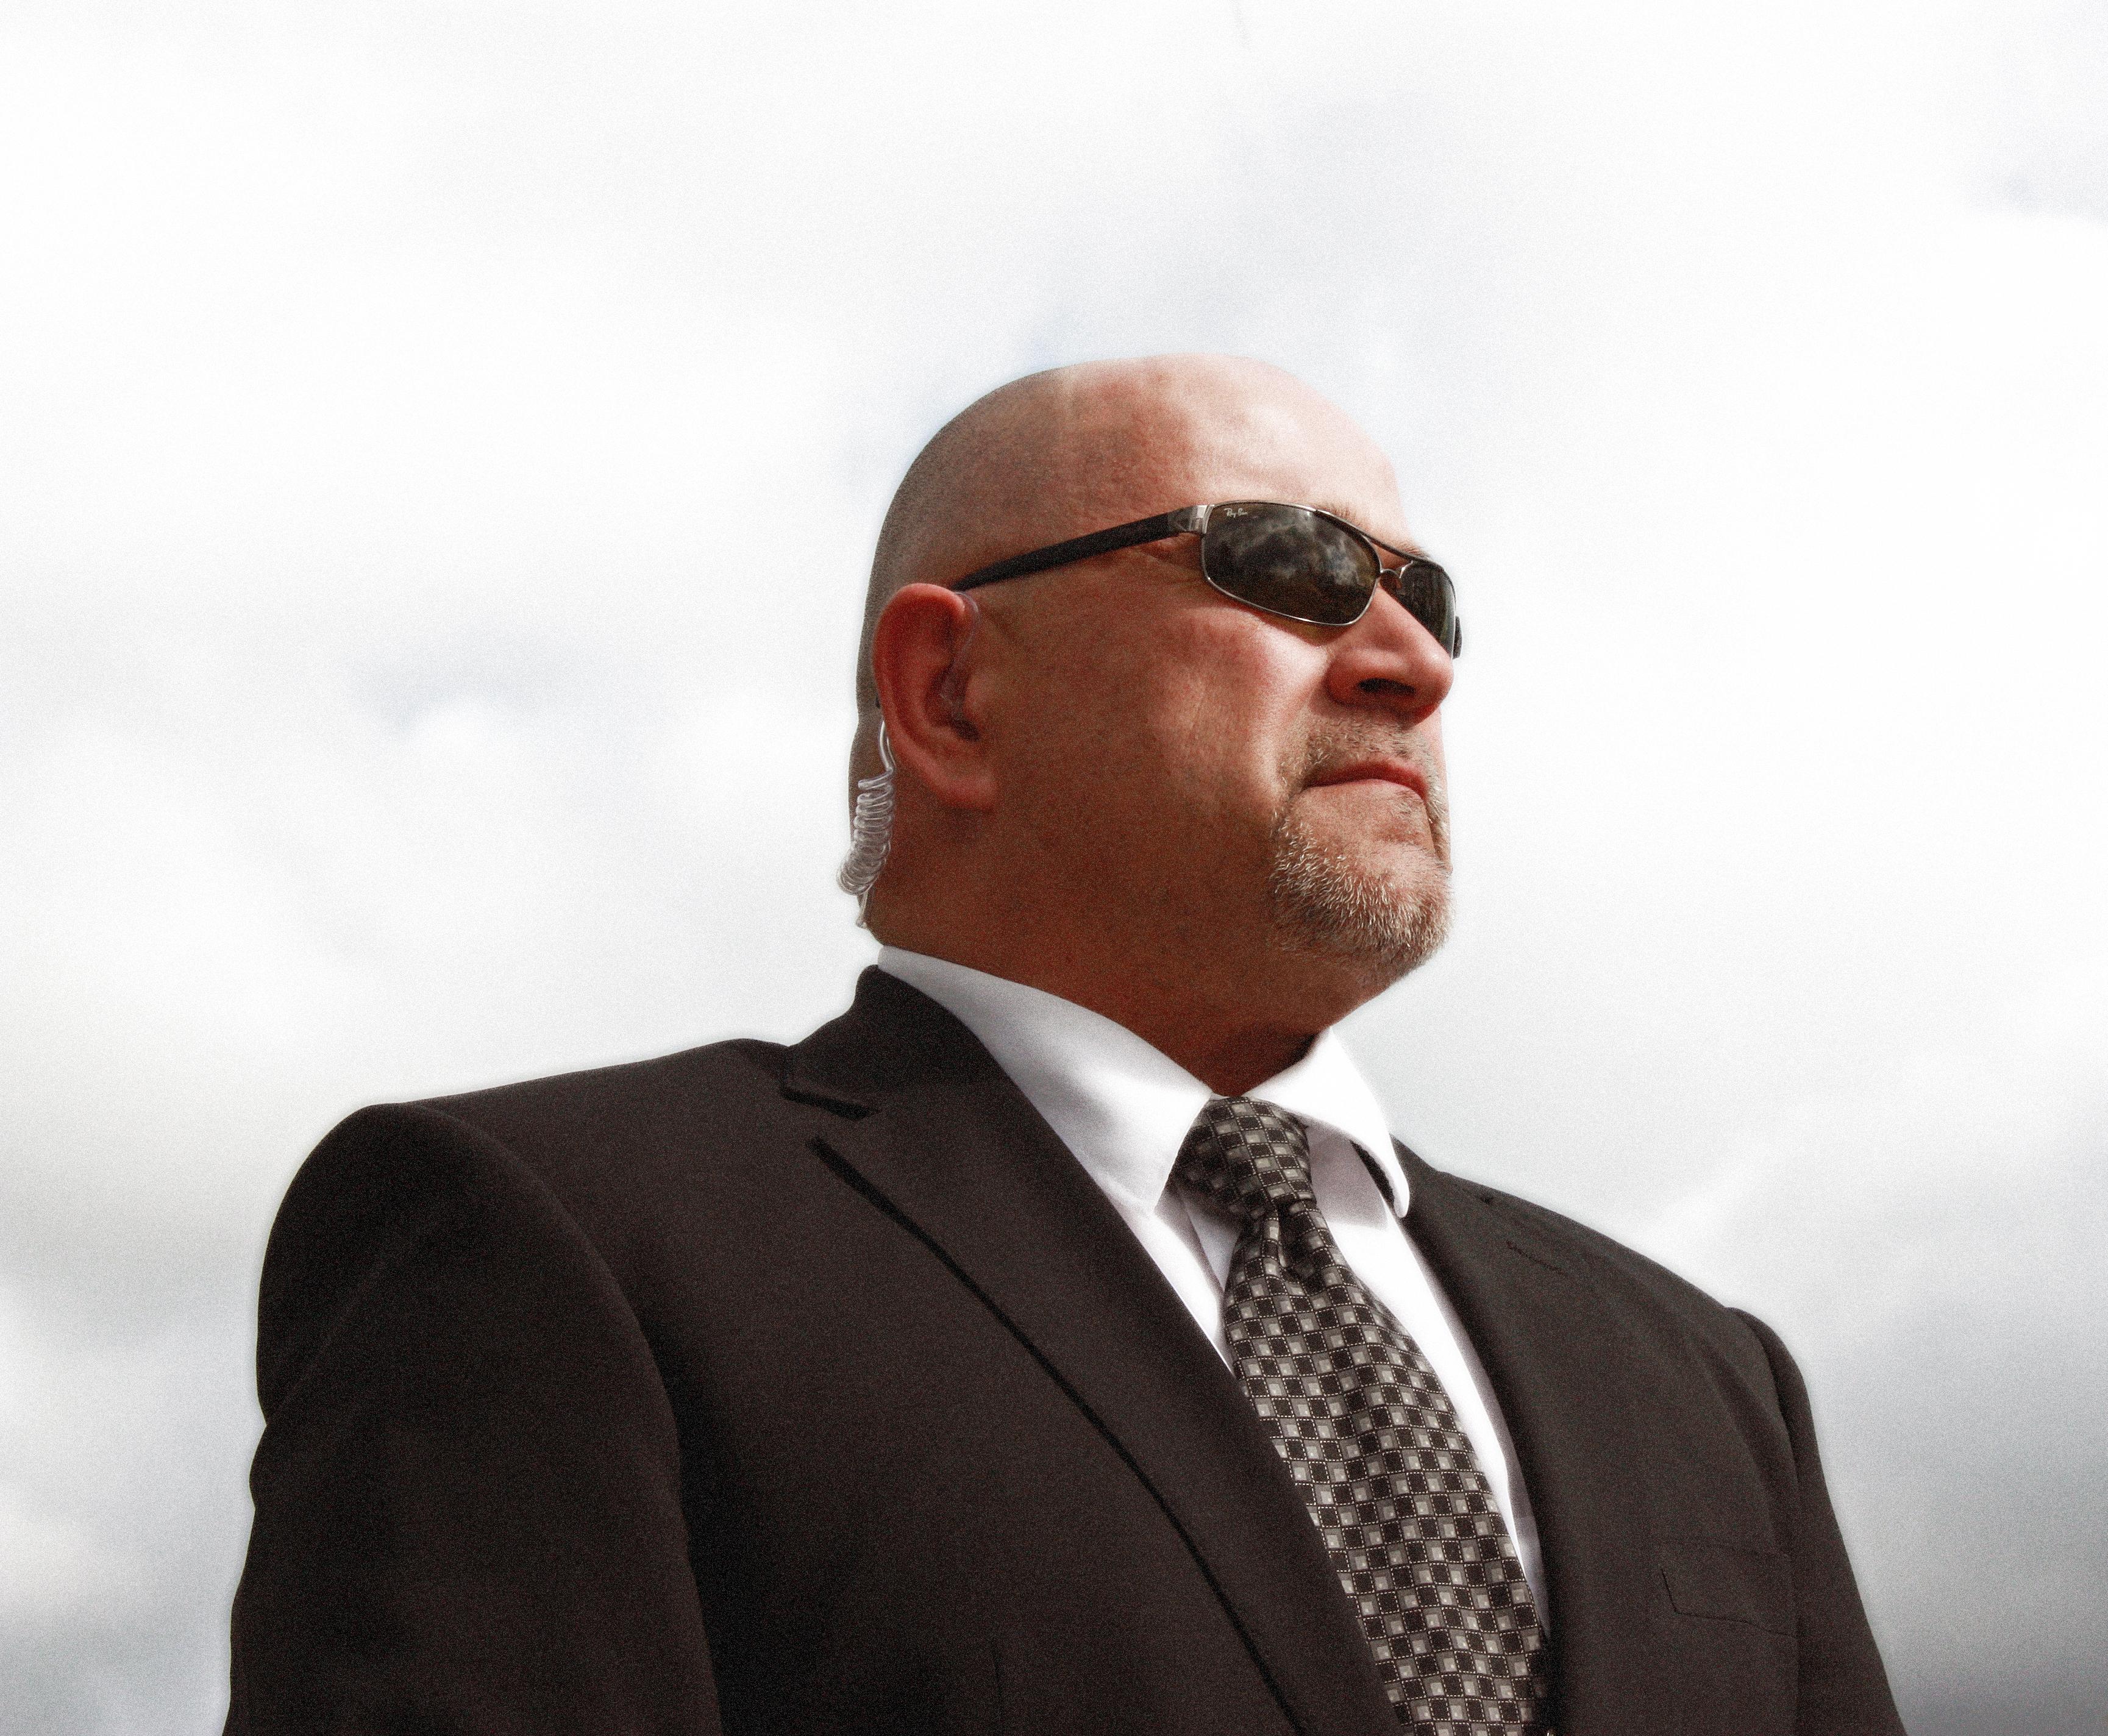 Jens Nygaard, livvagt og indehaver af El-Protec